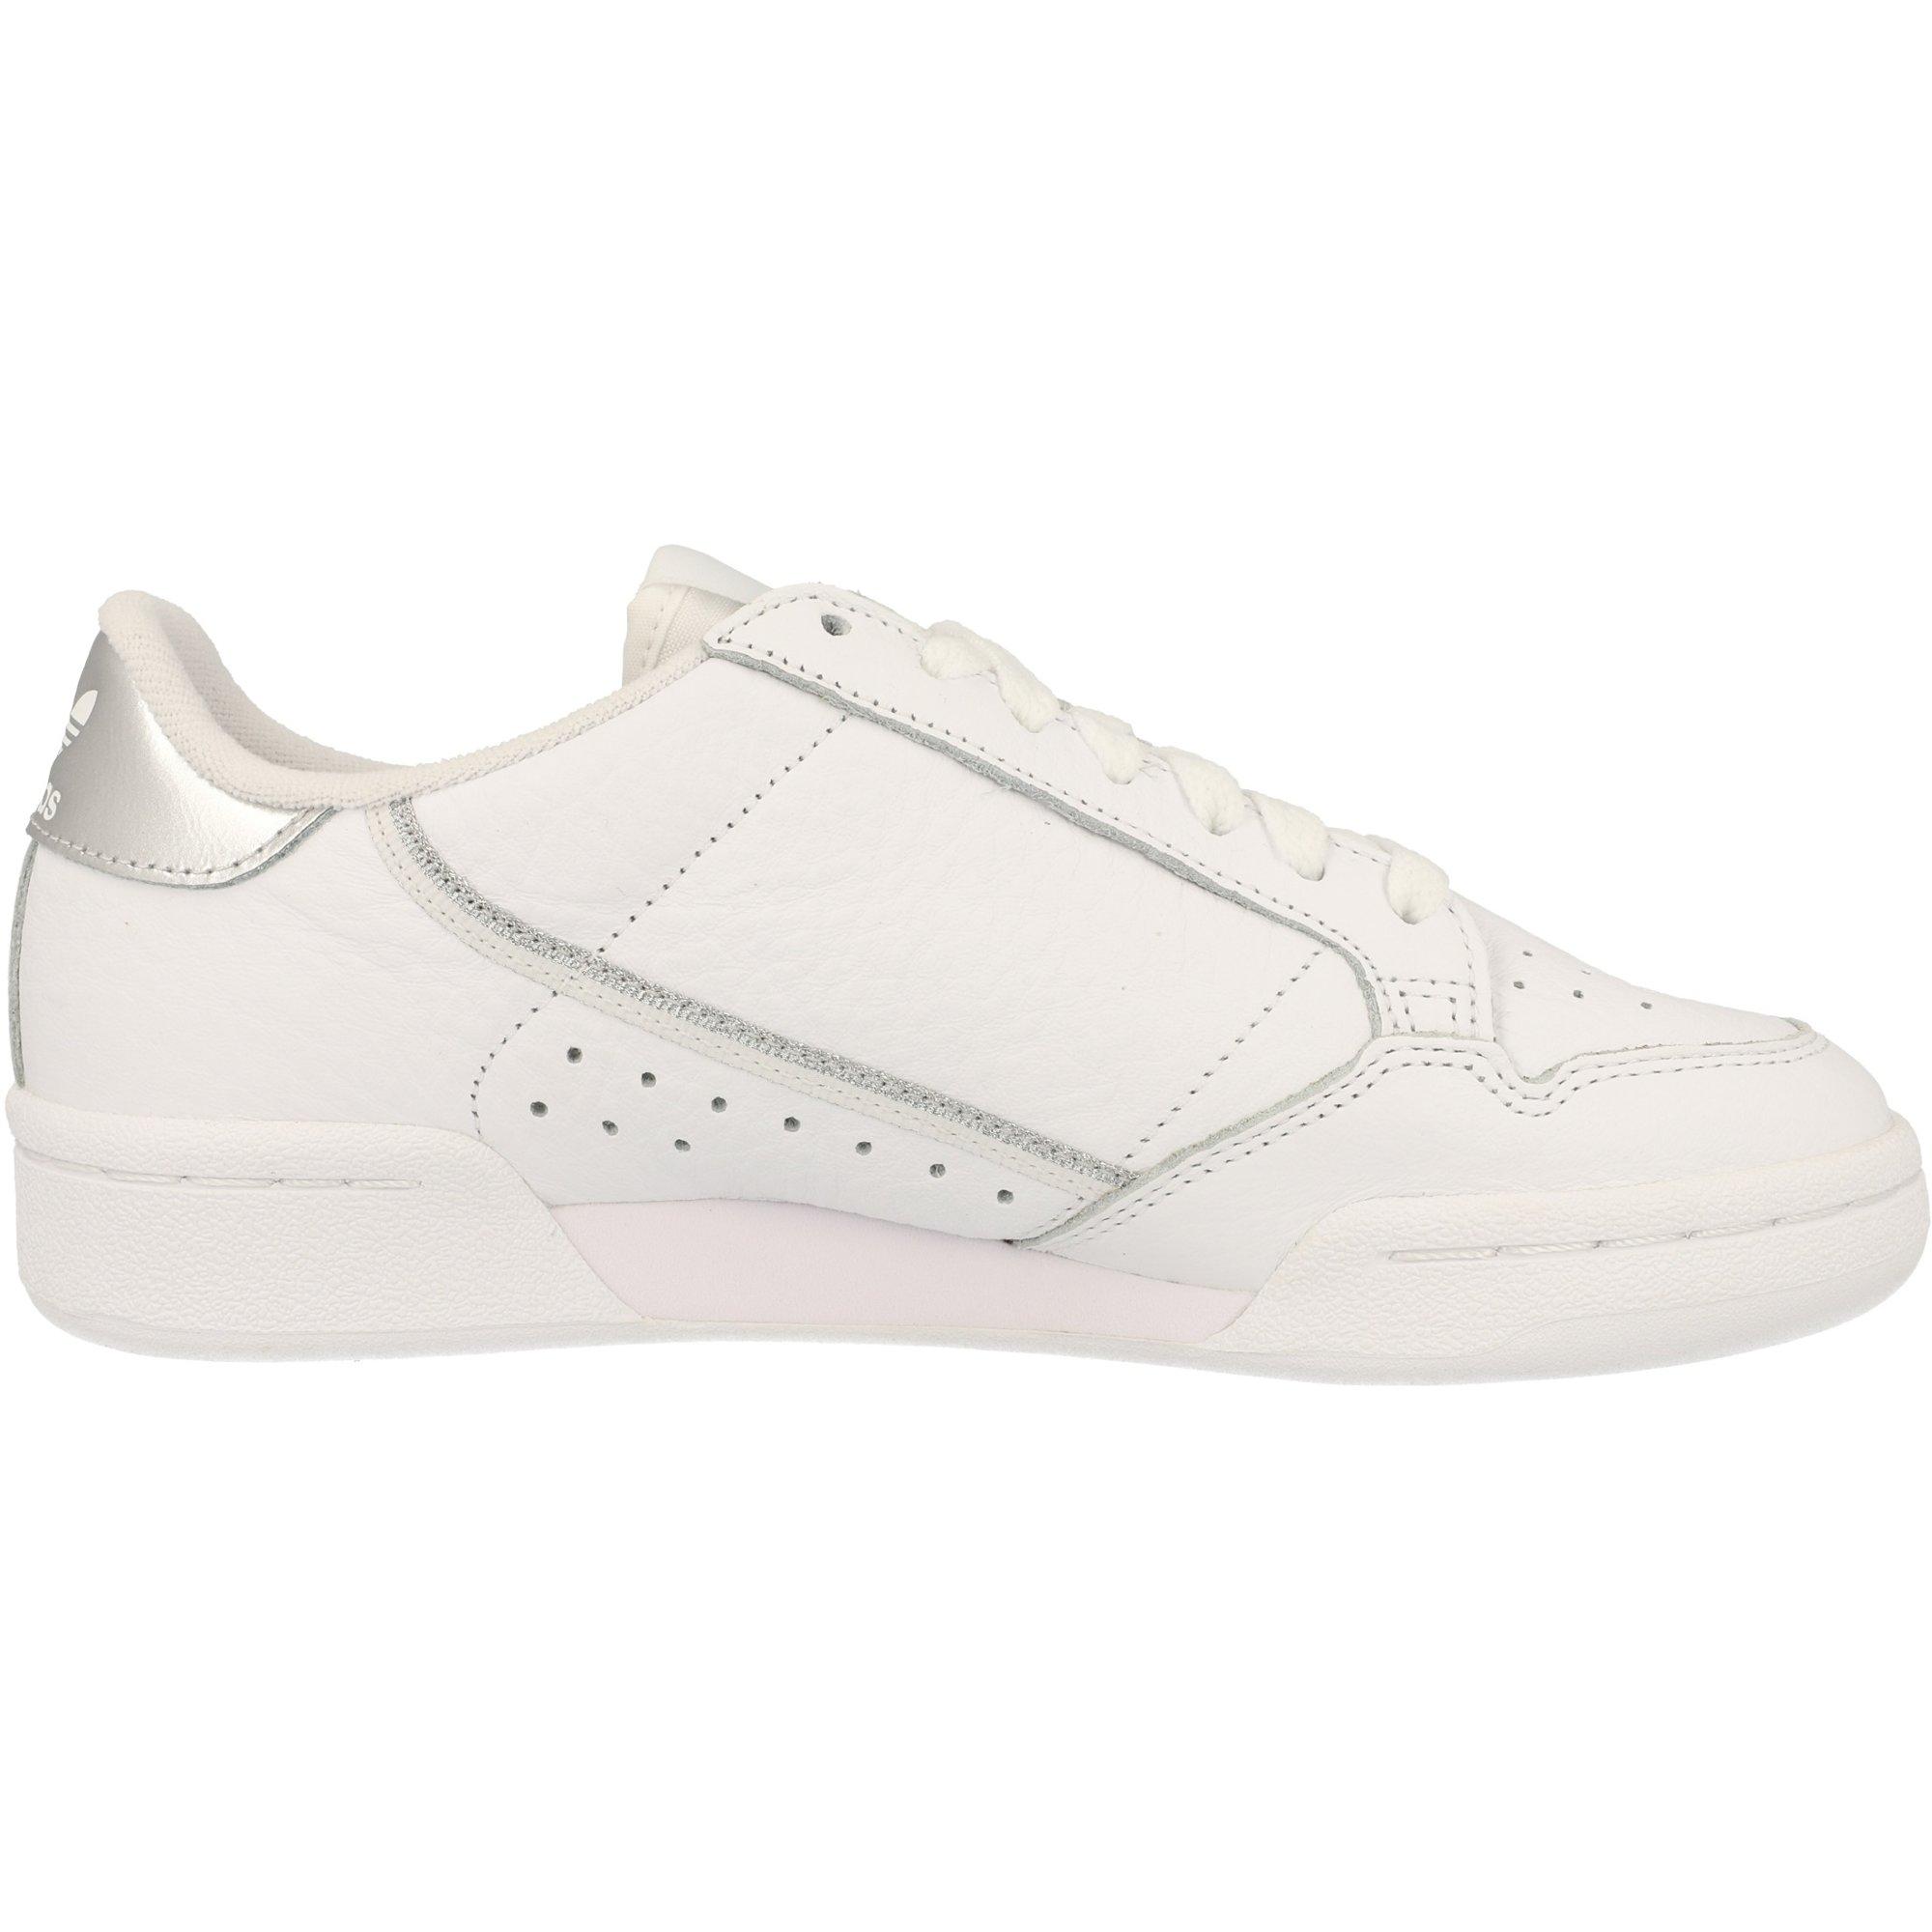 adidas Originals Continental 80 W BlancoPlata Metalizada Cuero Adulto